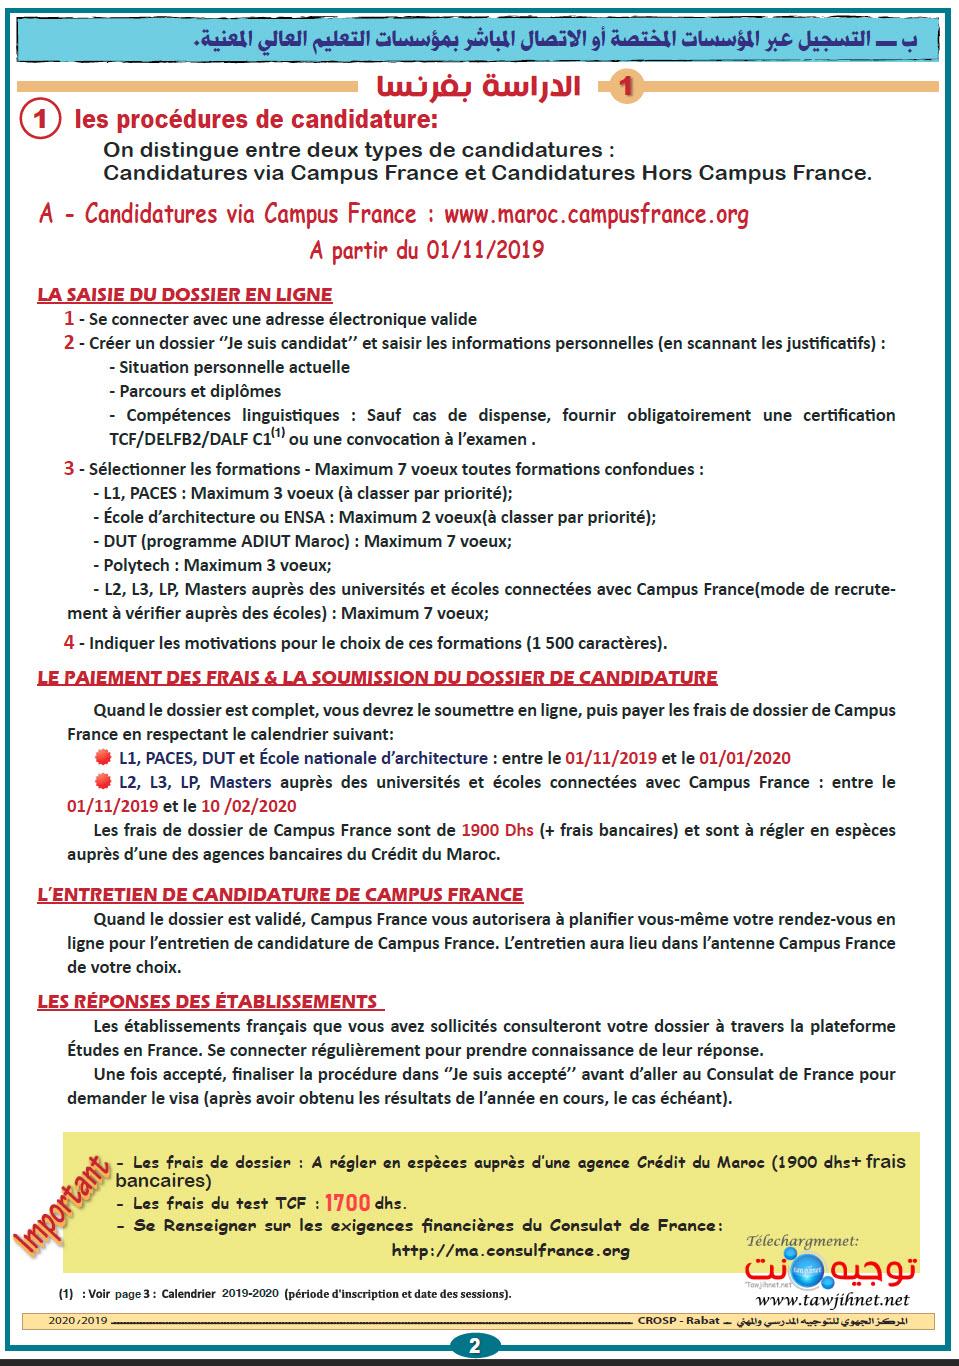 etudies-etranger-2019-2020_Page_2.jpg